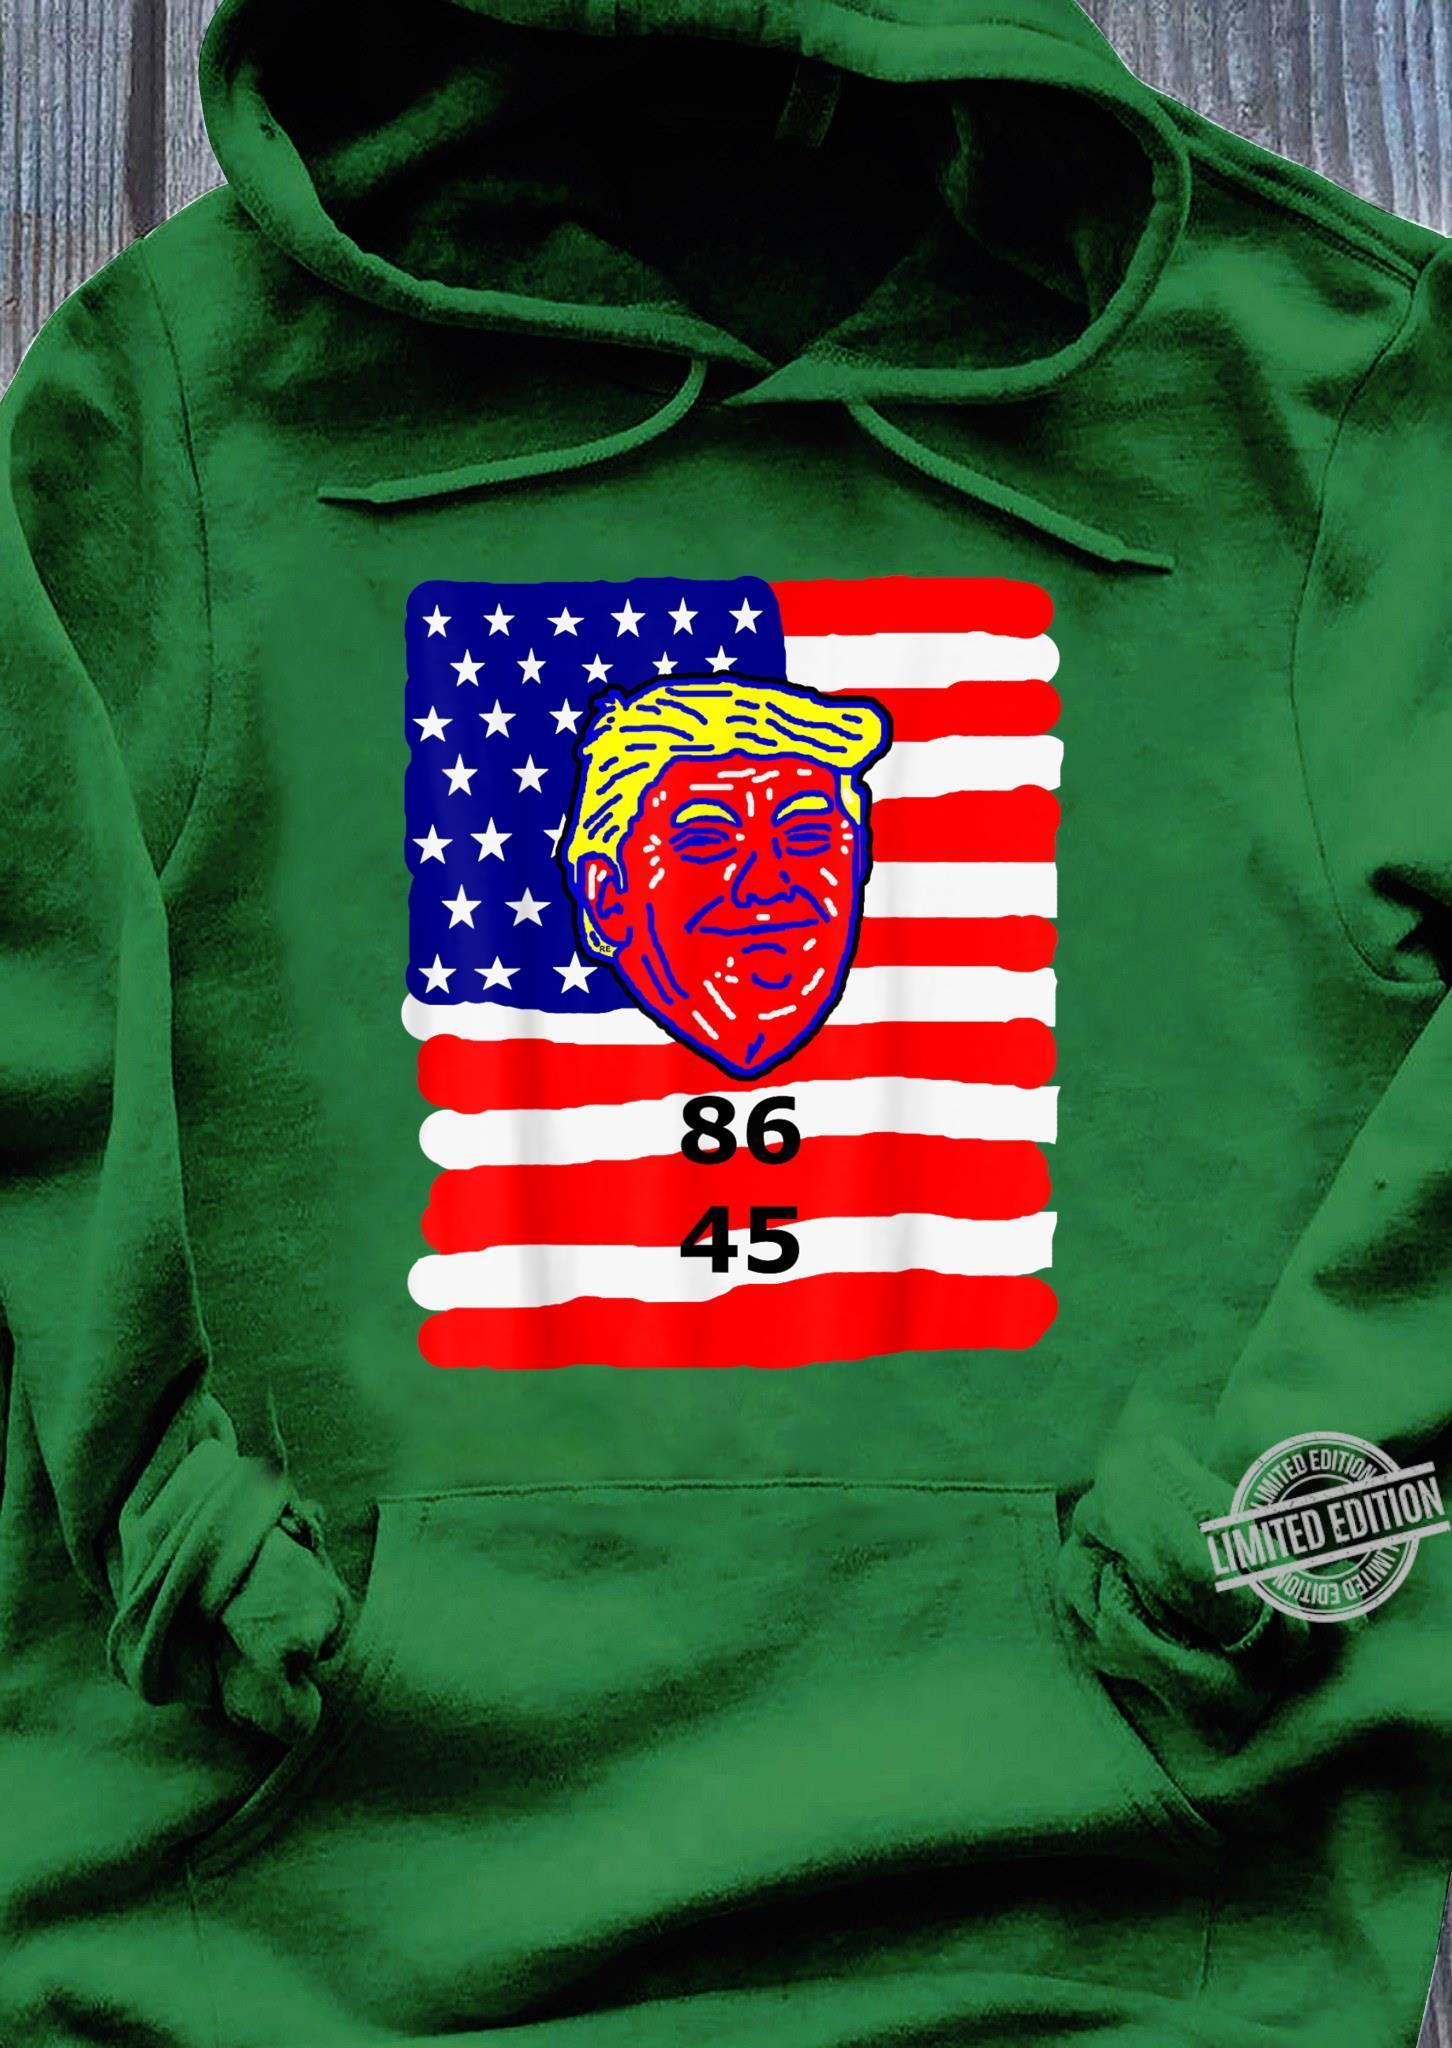 86 45 2020 Anti Donald Trump Shirt Impeach Trump 2020 Shirt hoodie